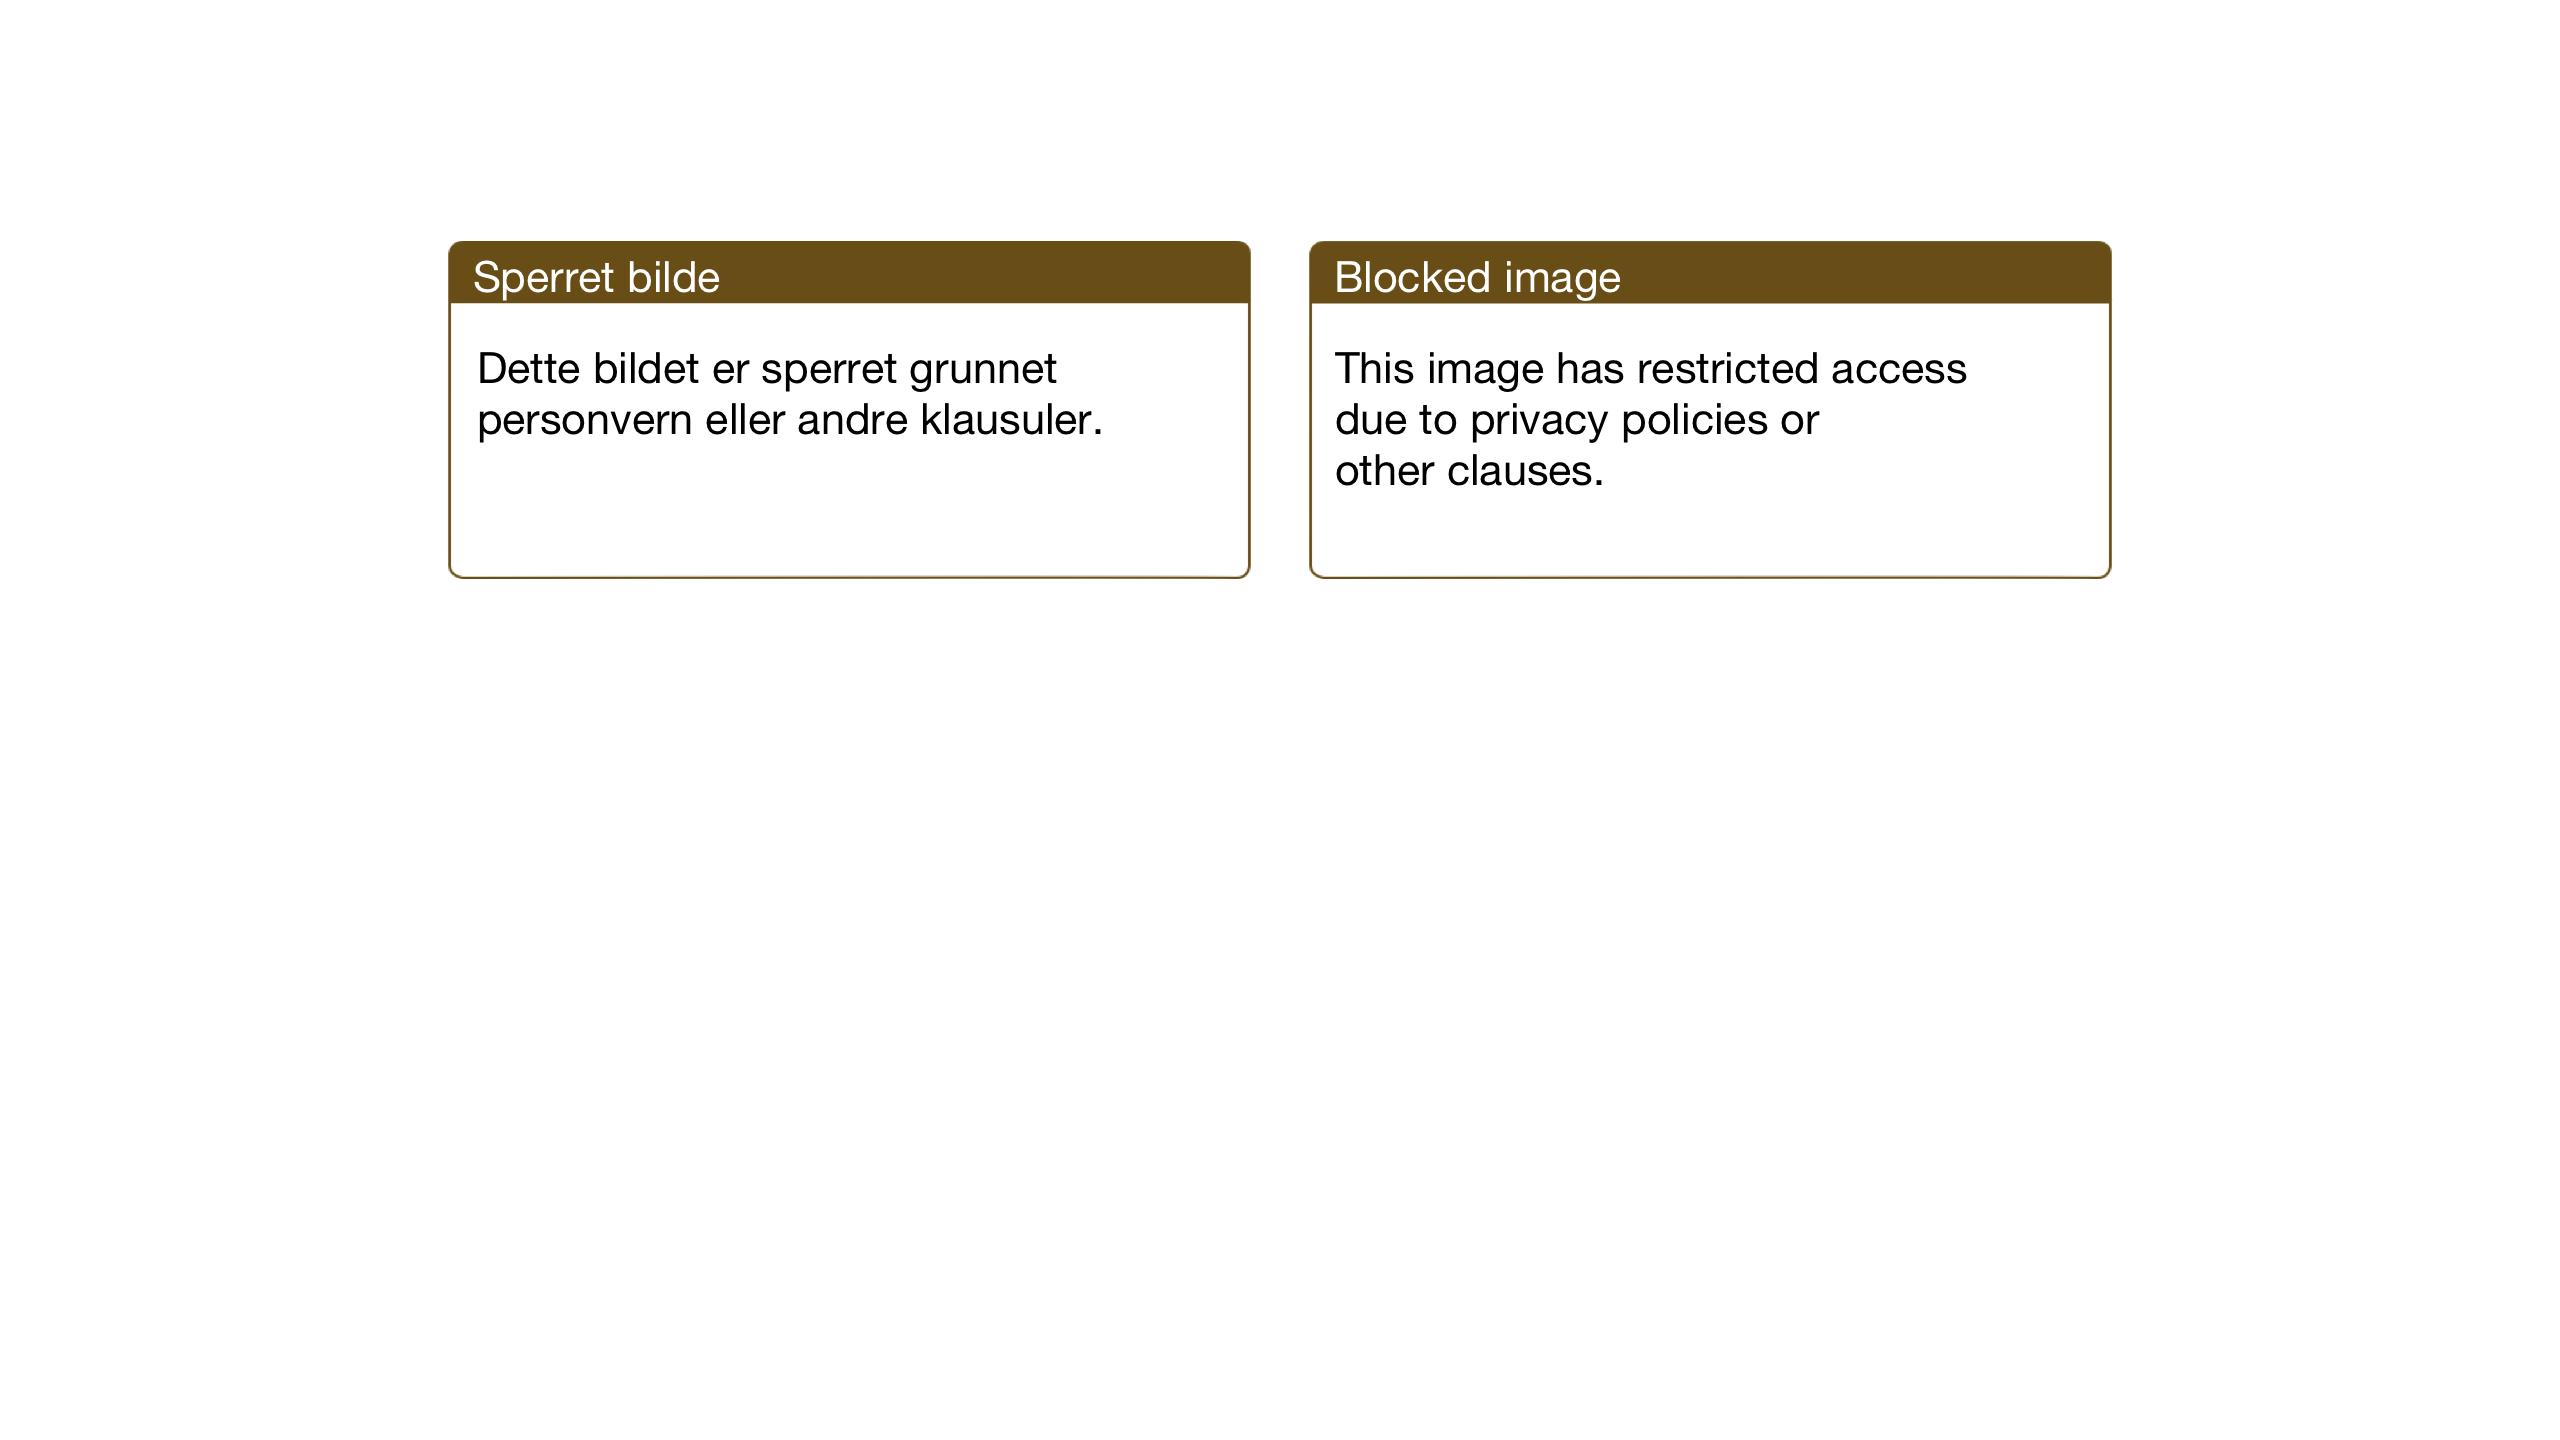 SAT, Ministerialprotokoller, klokkerbøker og fødselsregistre - Nord-Trøndelag, 773/L0625: Klokkerbok nr. 773C01, 1910-1952, s. 110